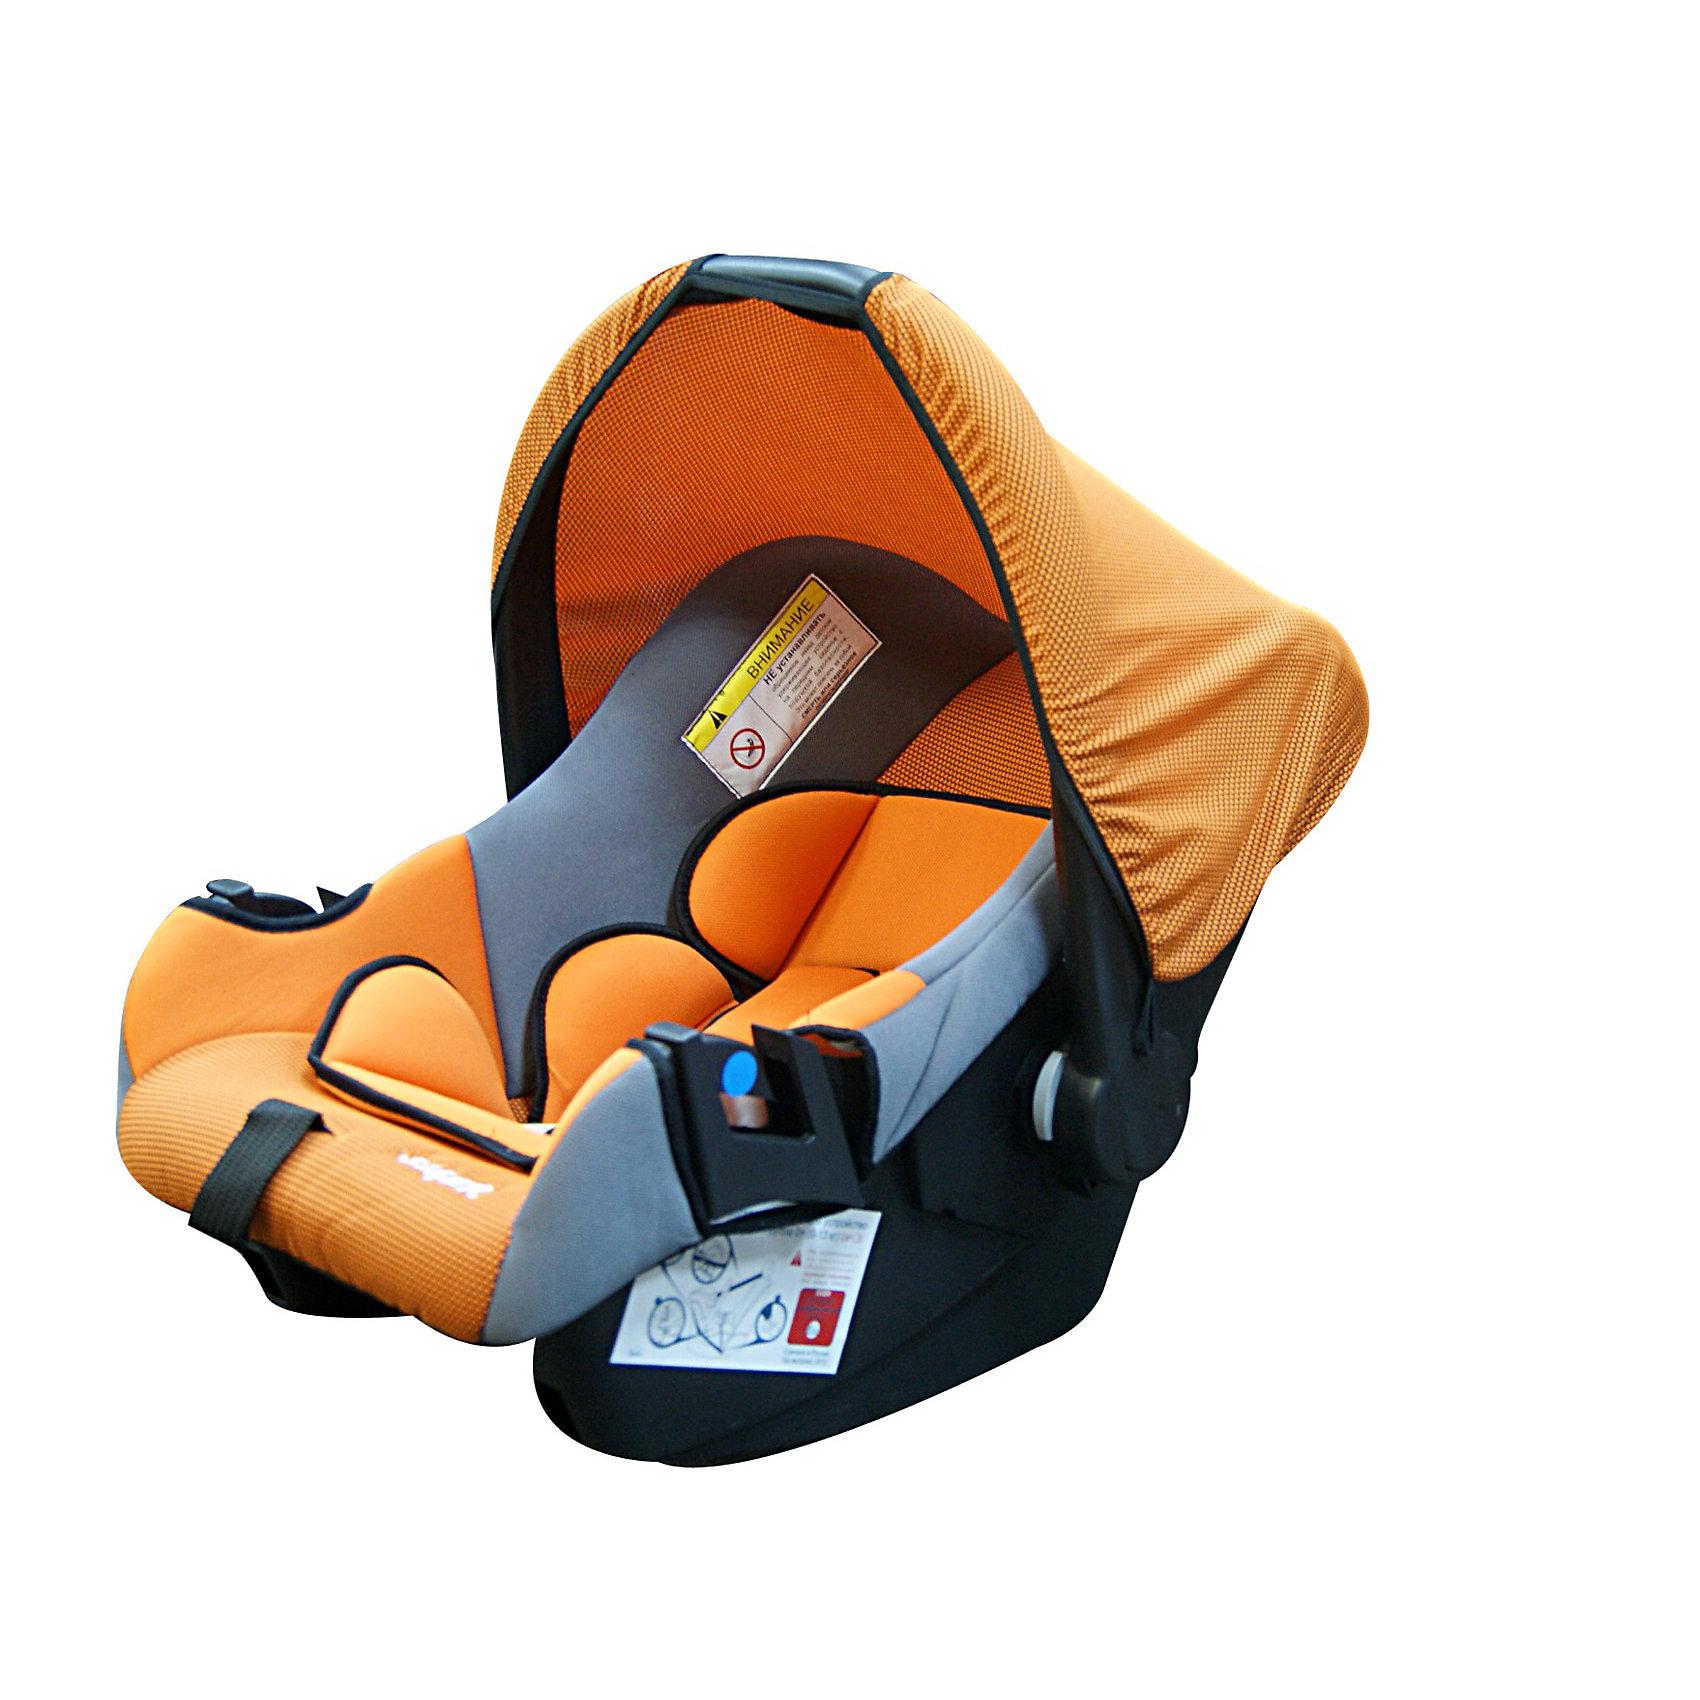 Детское автомобильное  кресло  SIGER Эгида Люкс, 0-13 кг., оранжевый (Siger)